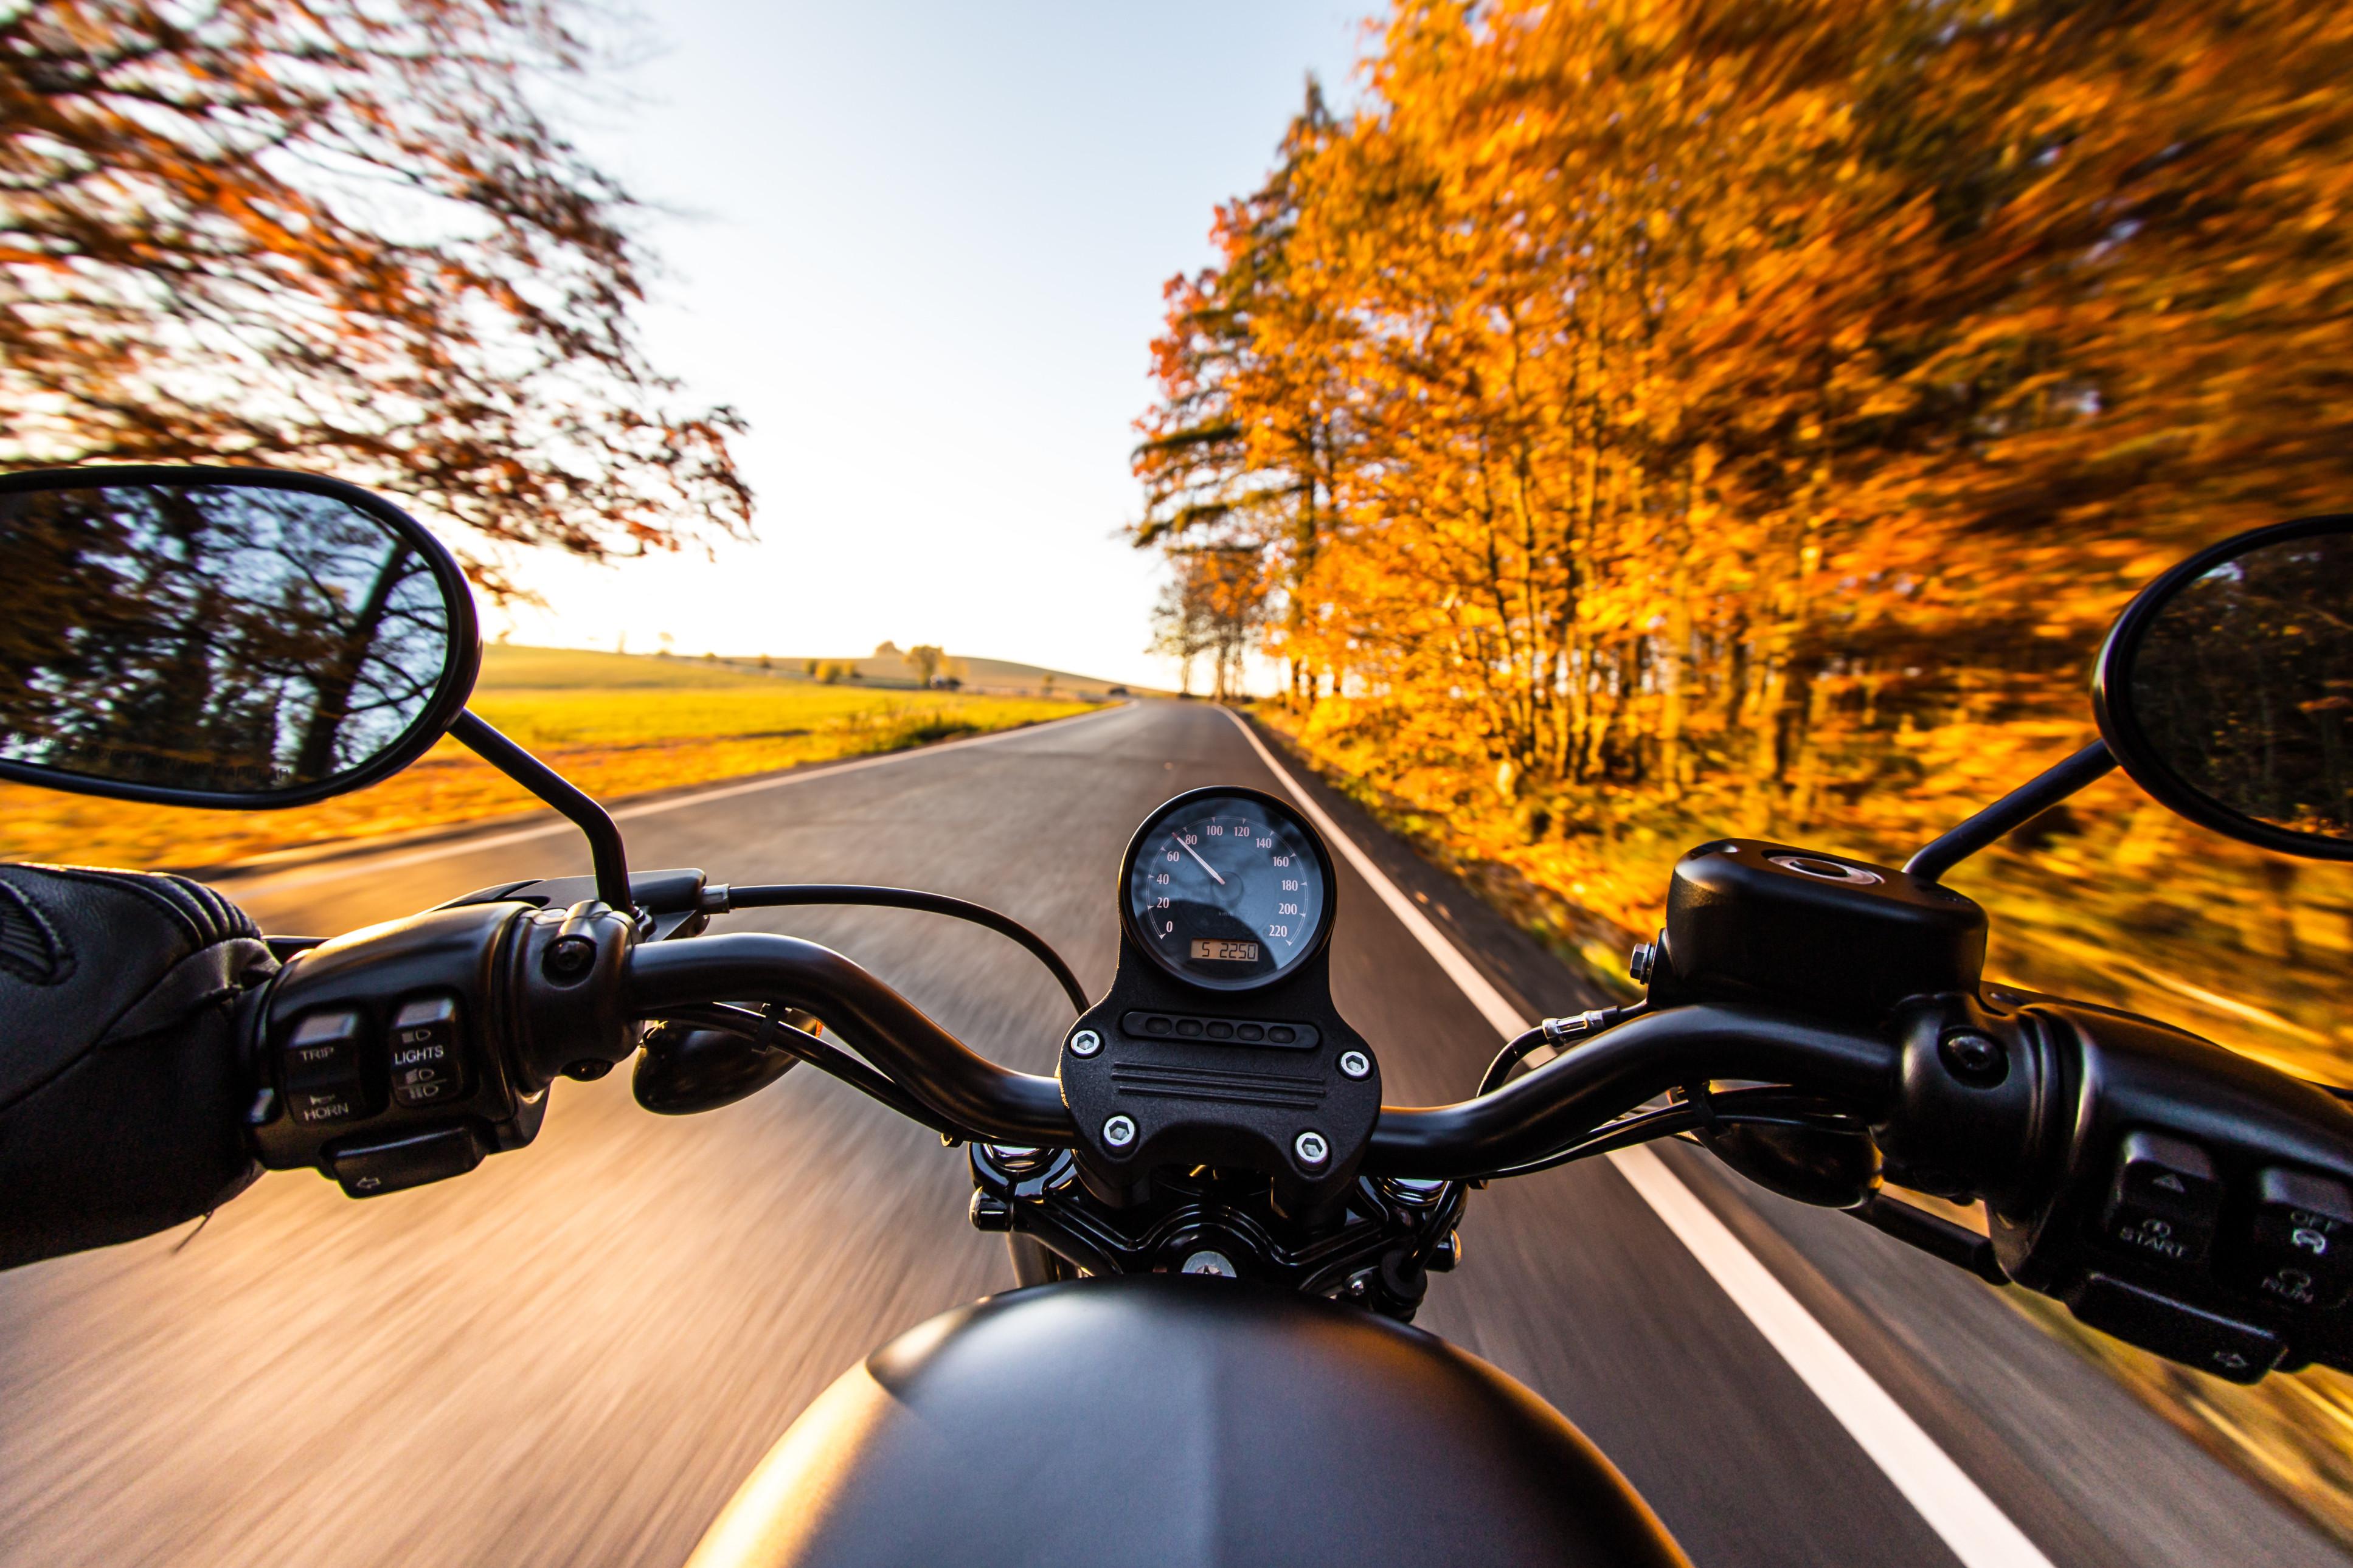 autumn motorcycle